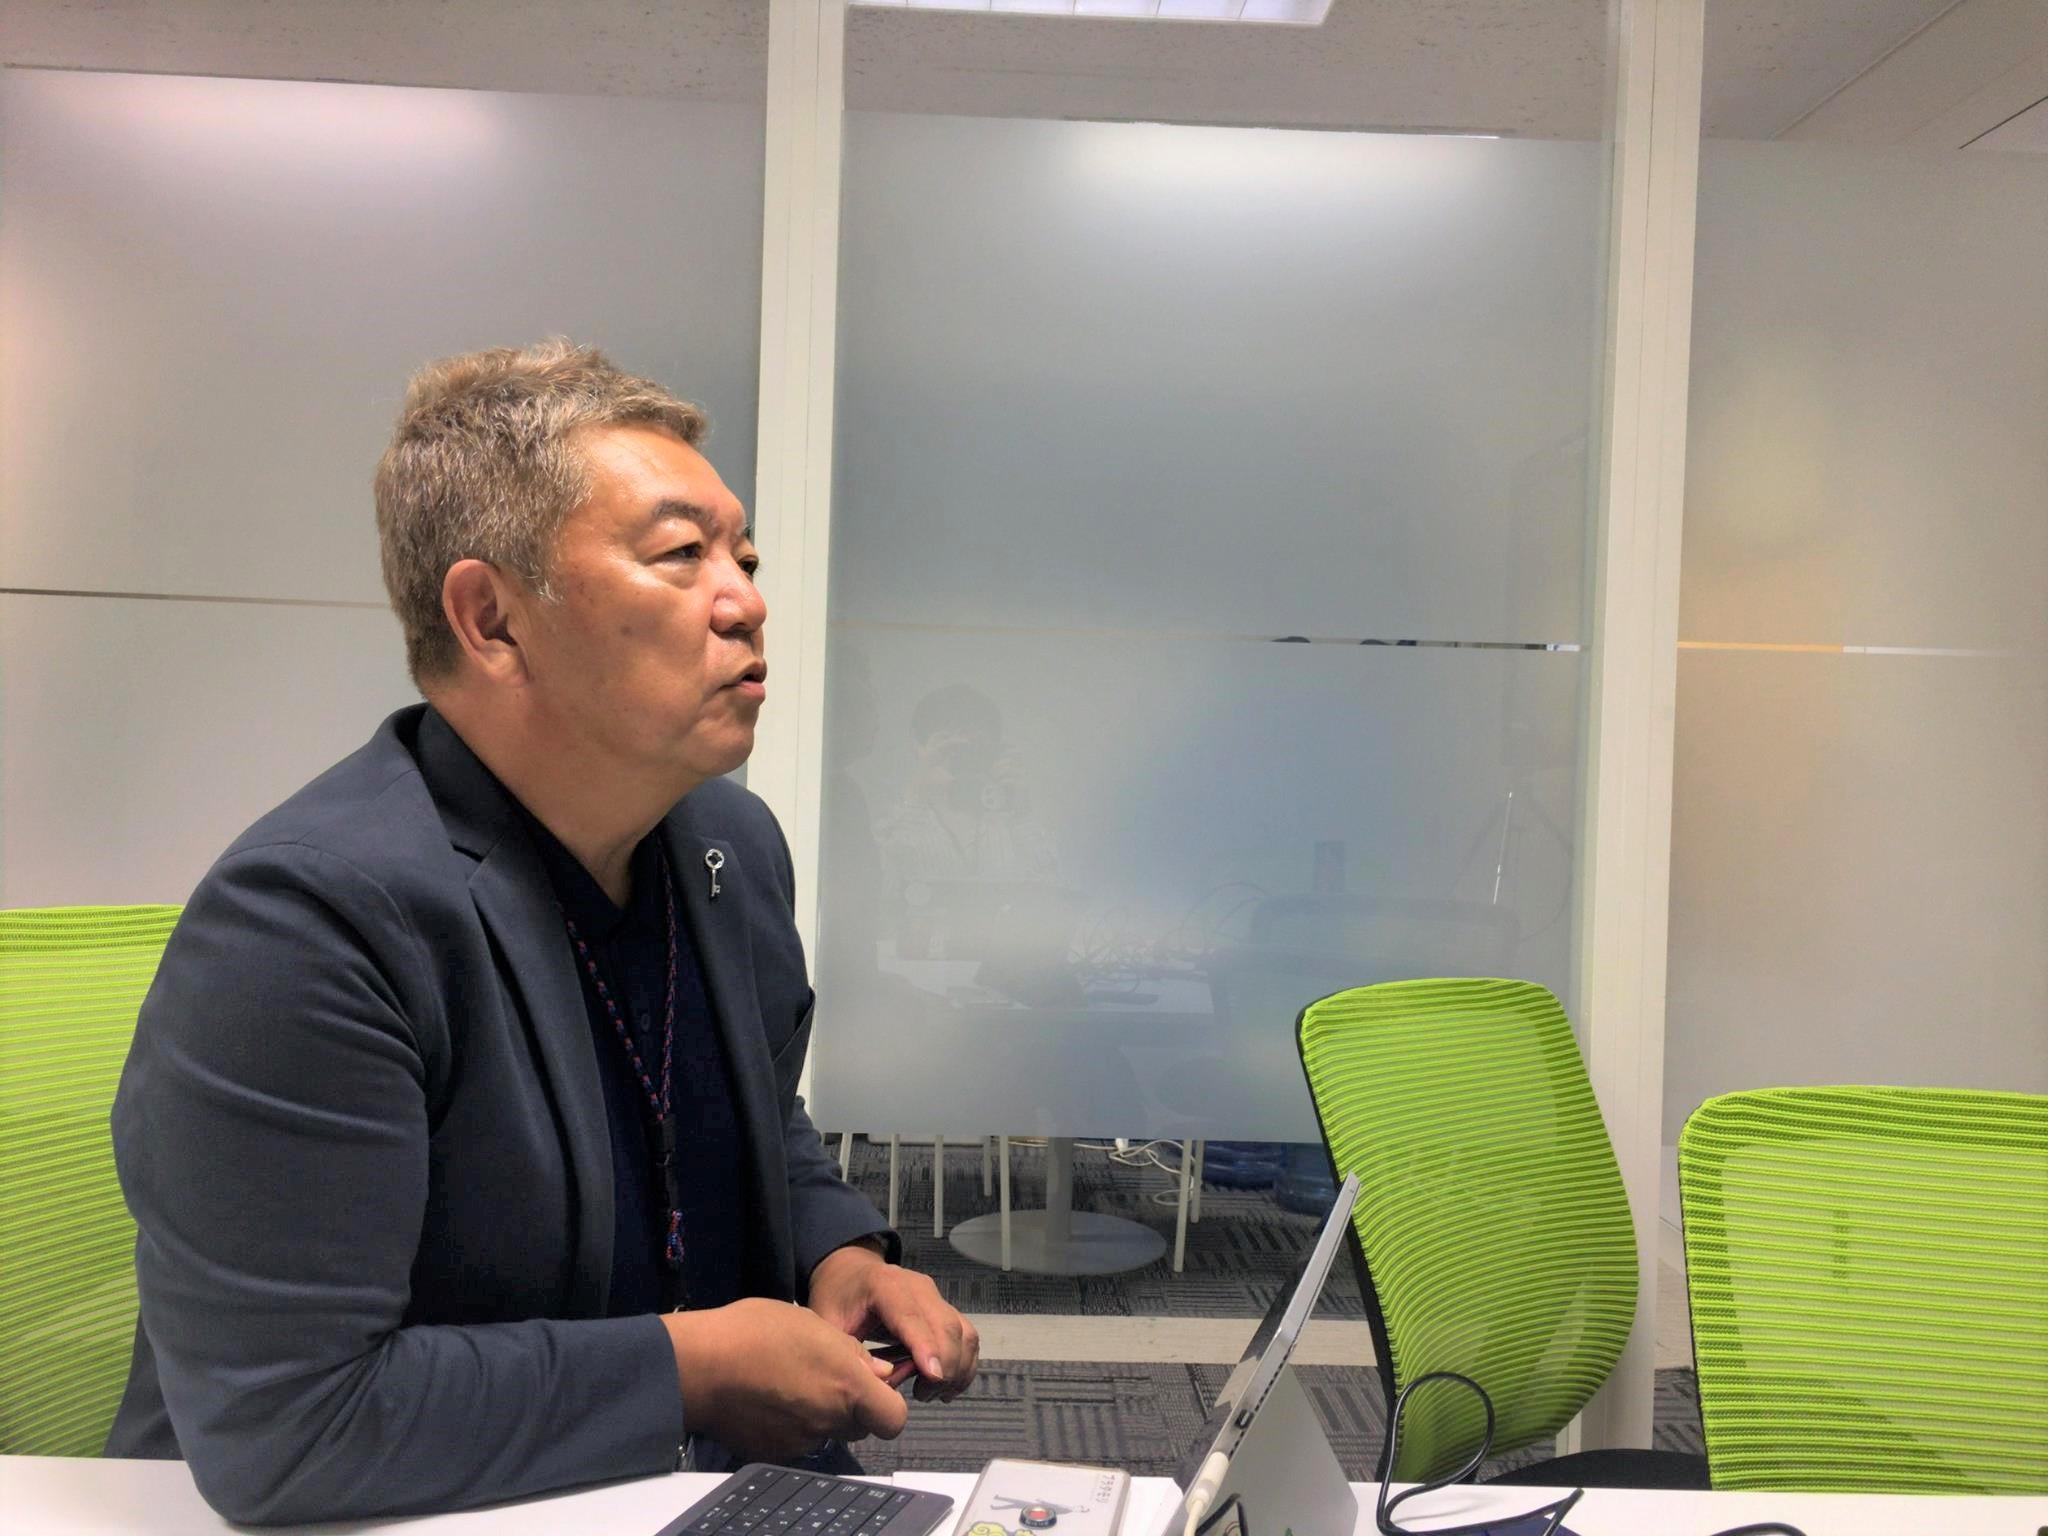 経営改善コンサルティング - ペーパーレスから始まるICTを活用した経営・働き方改善